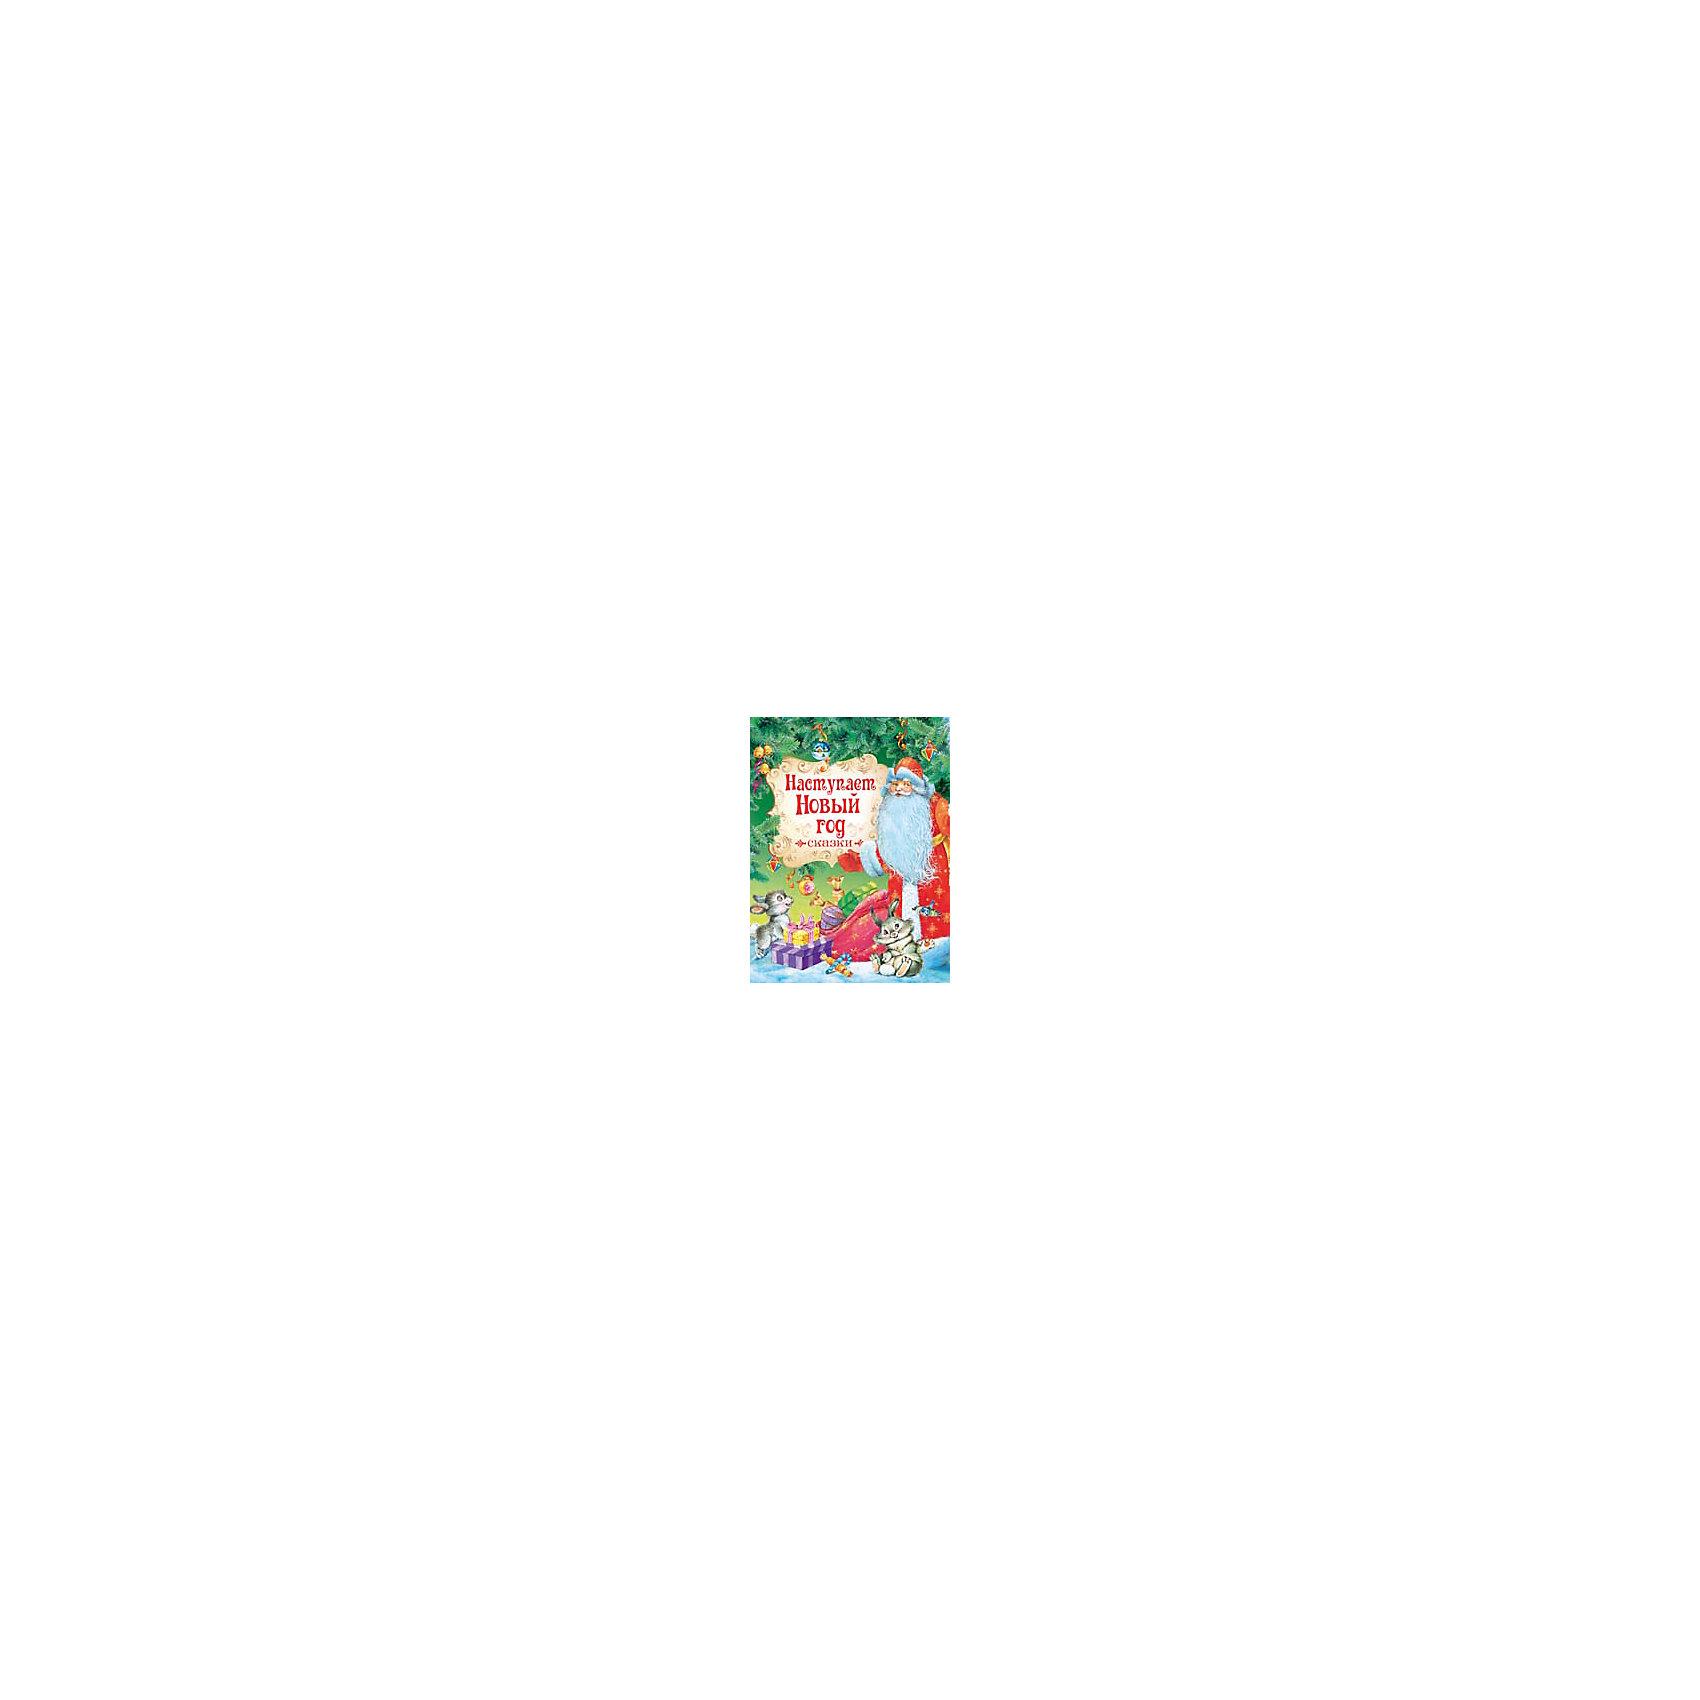 Наступает Новый год. СказкиВ сборник вошли такие популярные сказки, как: «Морозко», «По щучьему велению», «Лисичка-сестричка и серый волк» и «Три колоса».<br><br>Ширина мм: 221<br>Глубина мм: 167<br>Высота мм: 6<br>Вес г: 185<br>Возраст от месяцев: 36<br>Возраст до месяцев: 60<br>Пол: Унисекс<br>Возраст: Детский<br>SKU: 5016318